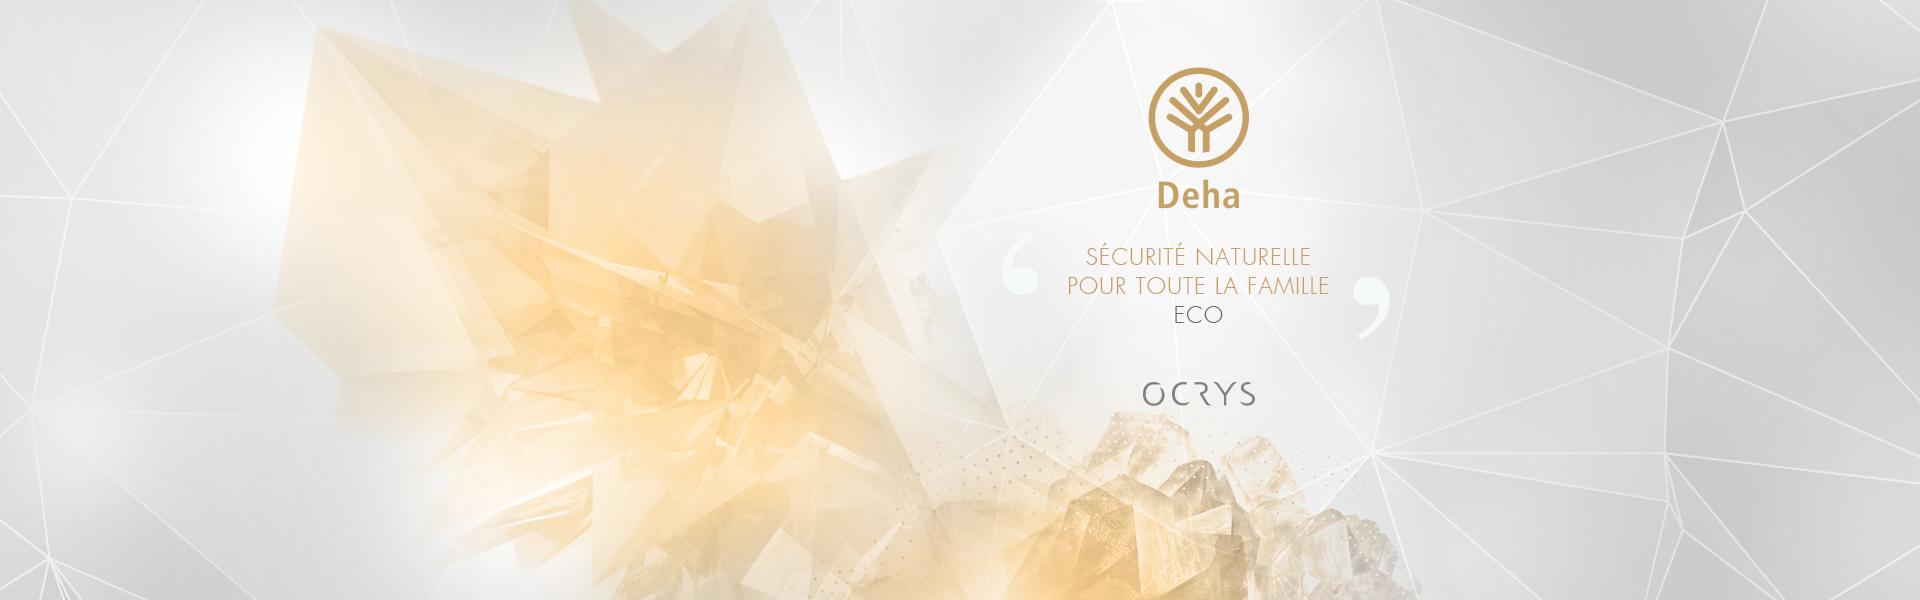 banner_centrali_DEHA_FR